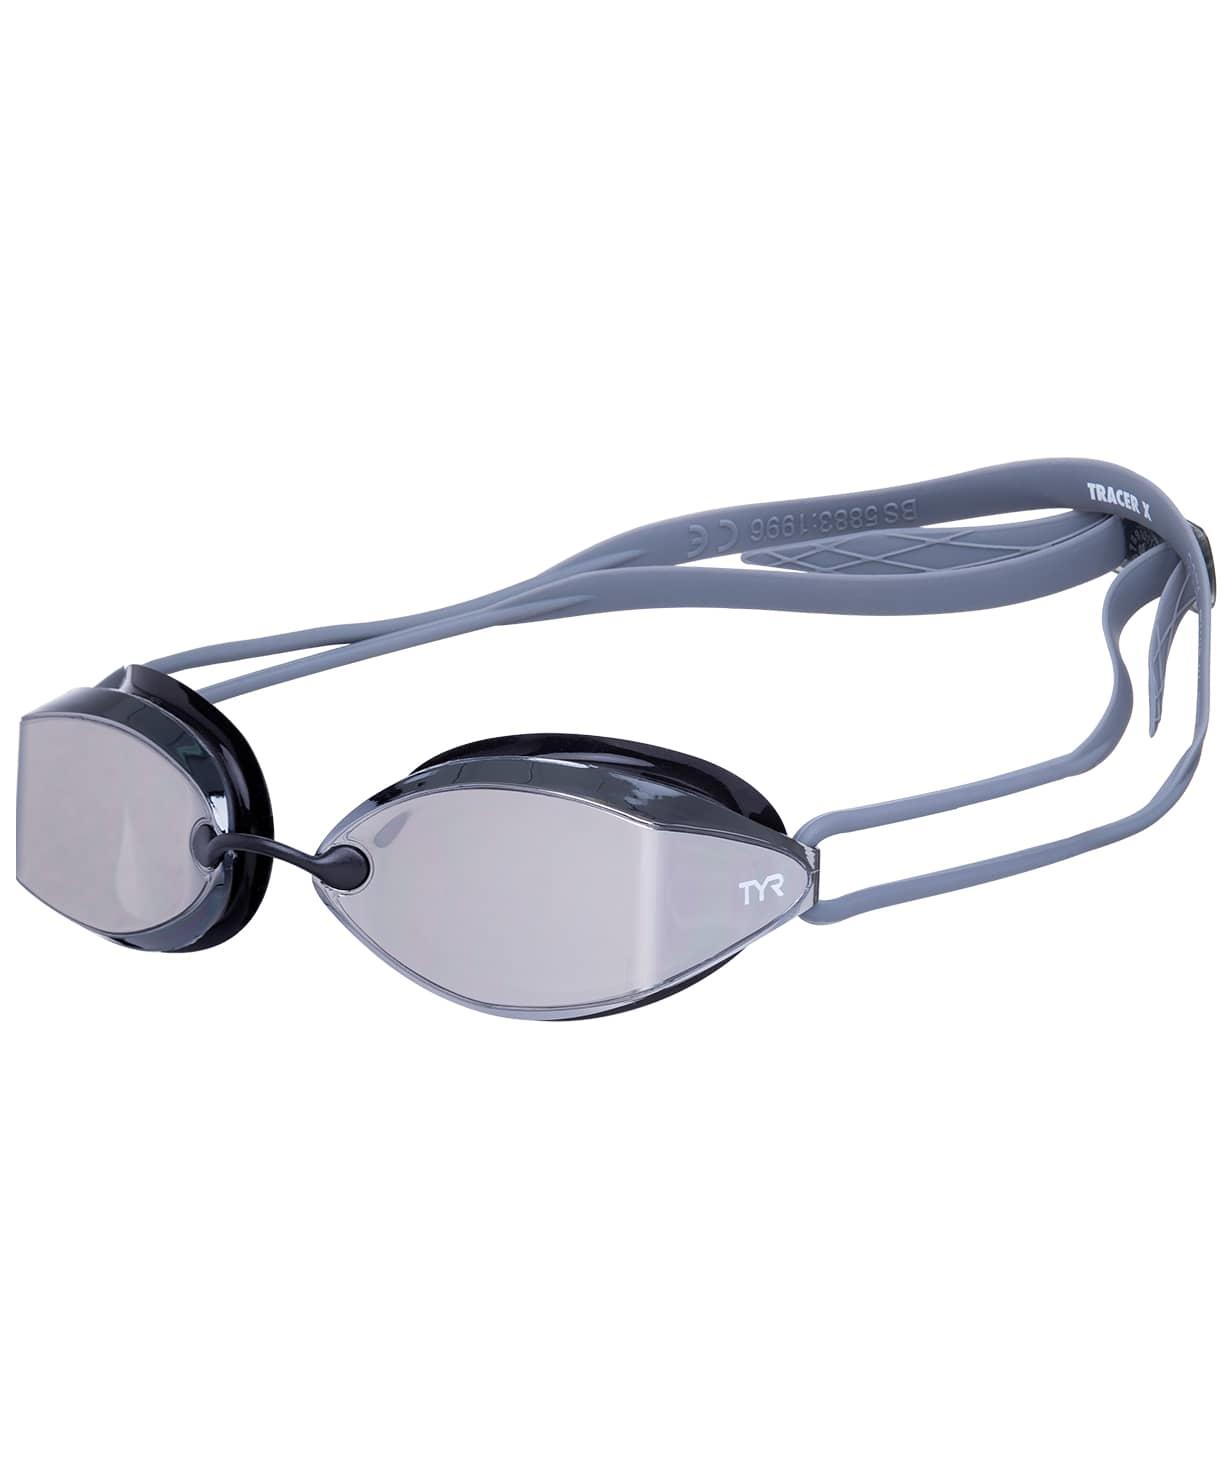 Очки Tracer-X Racing Mirrored,  LGTRXM/043, черный